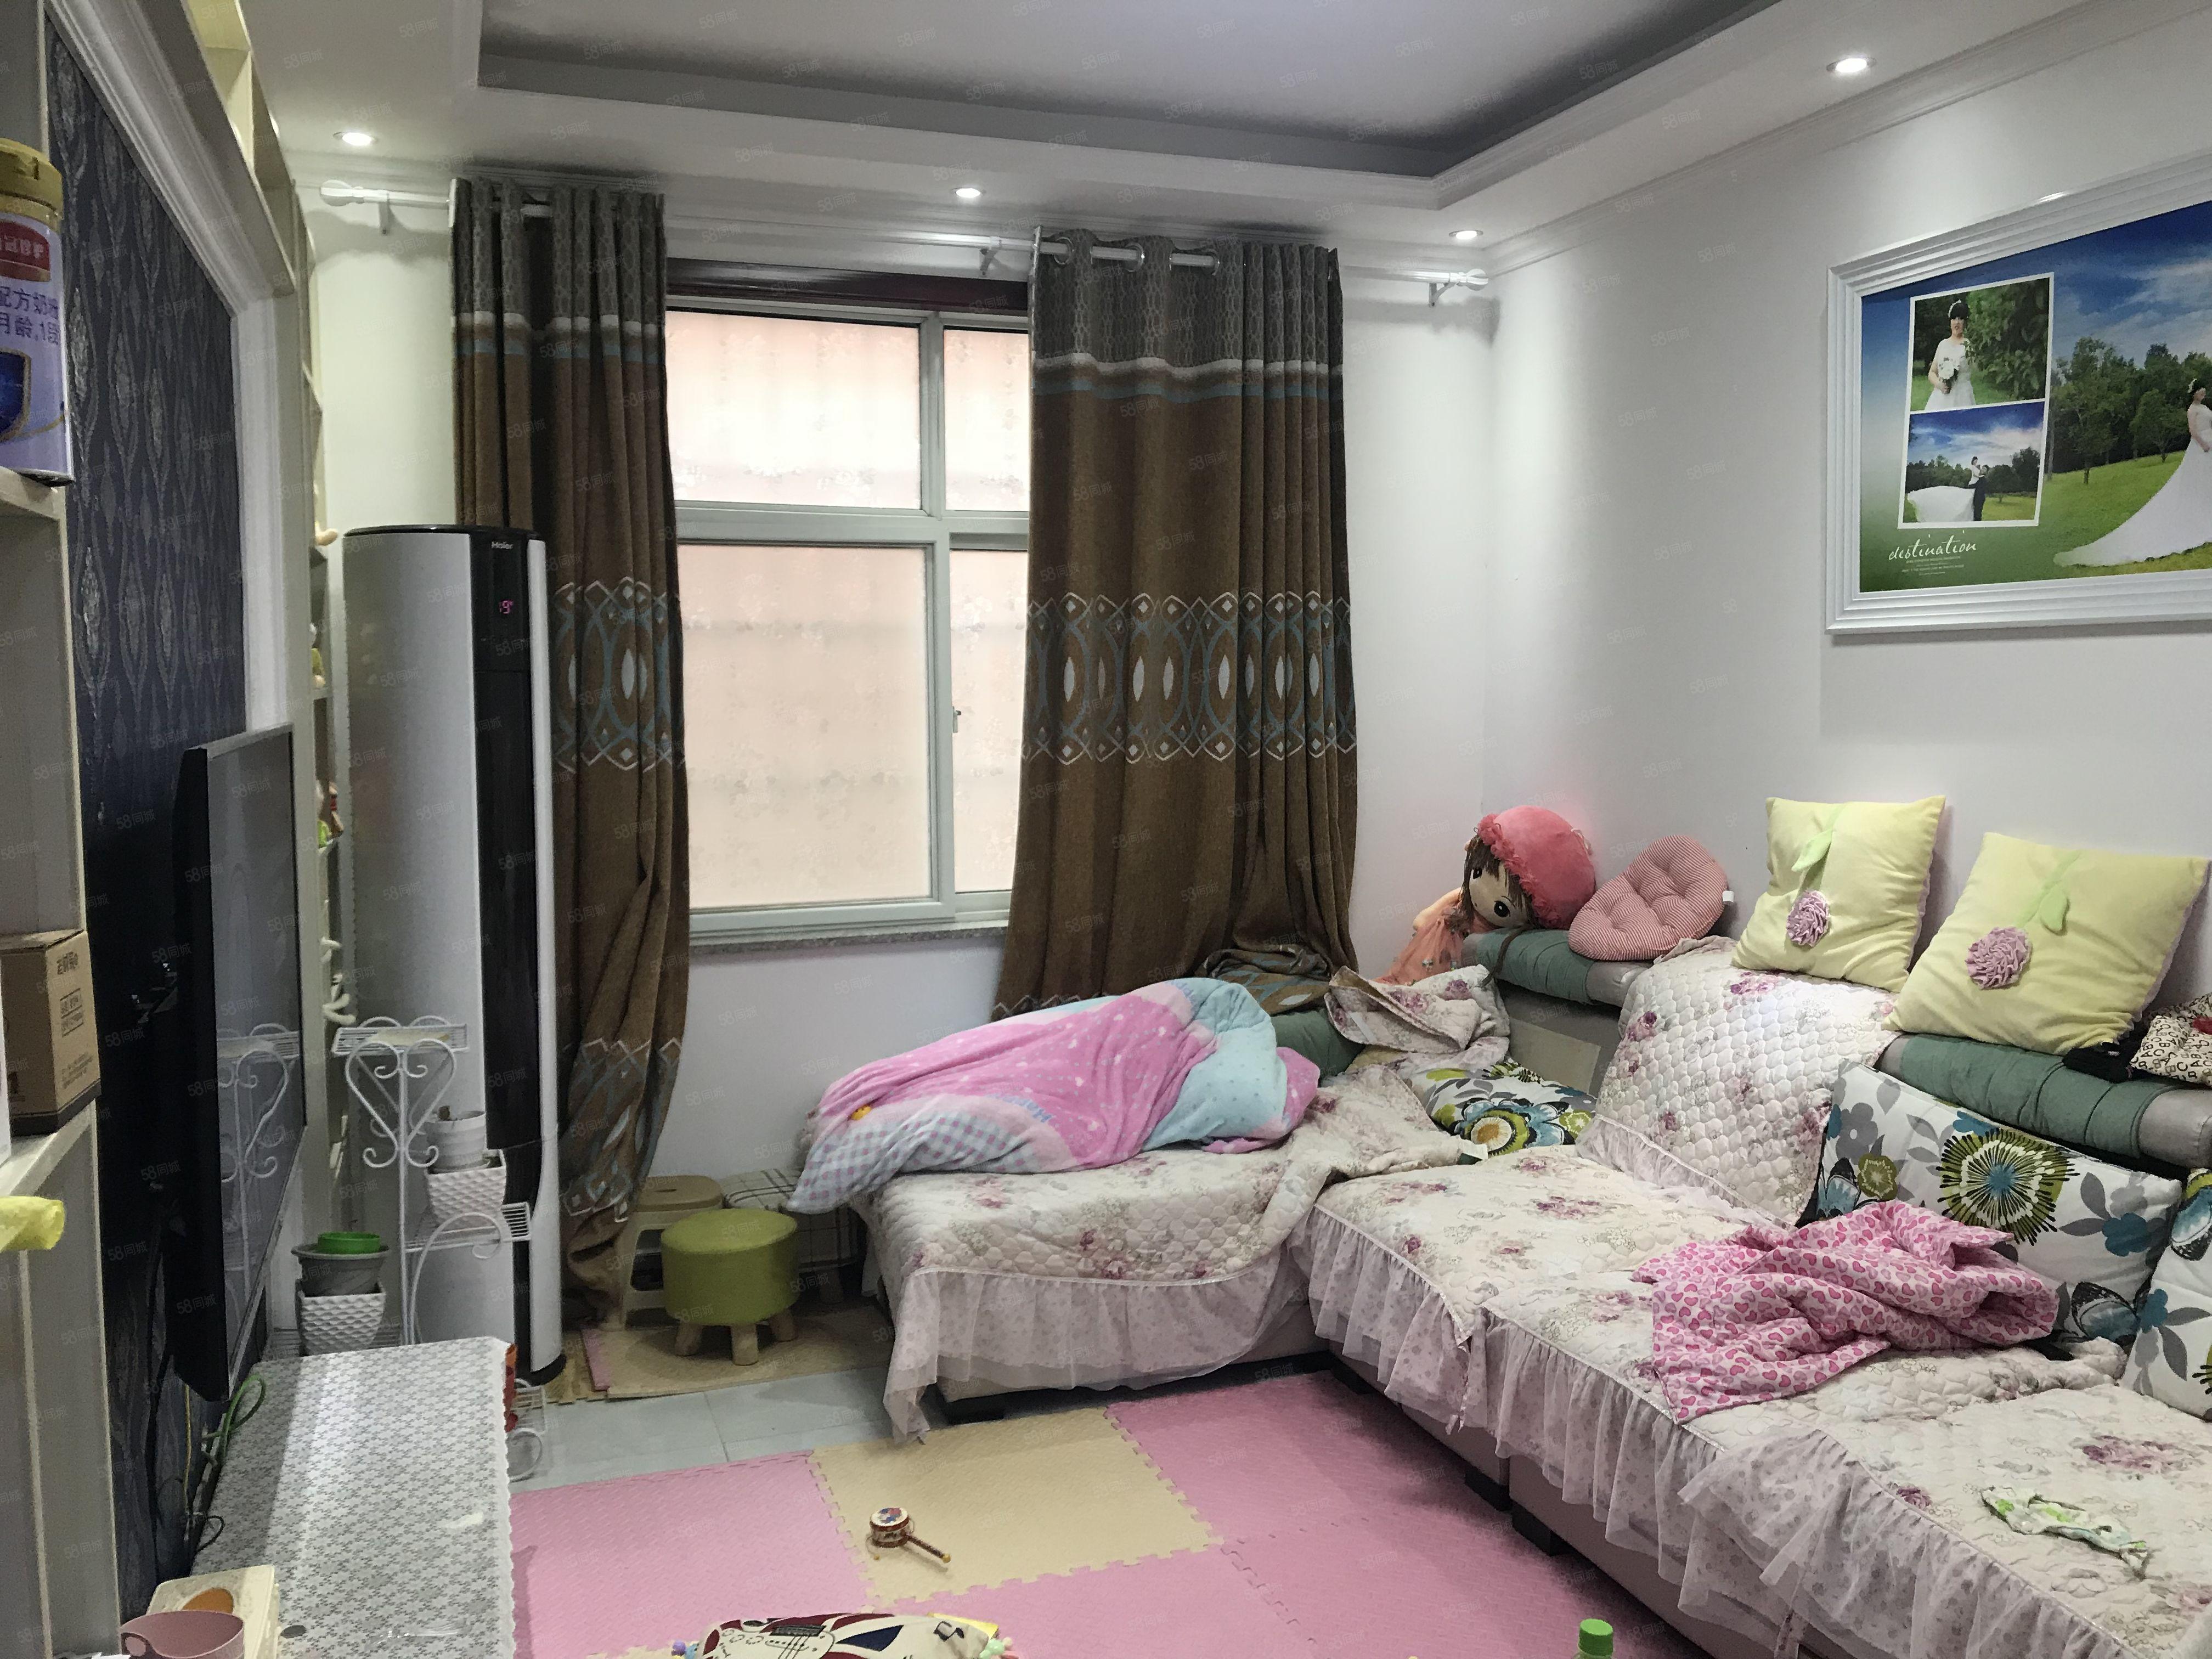 麻屯新苑小区大两室婚房装修稀缺二楼可贷款看房方便